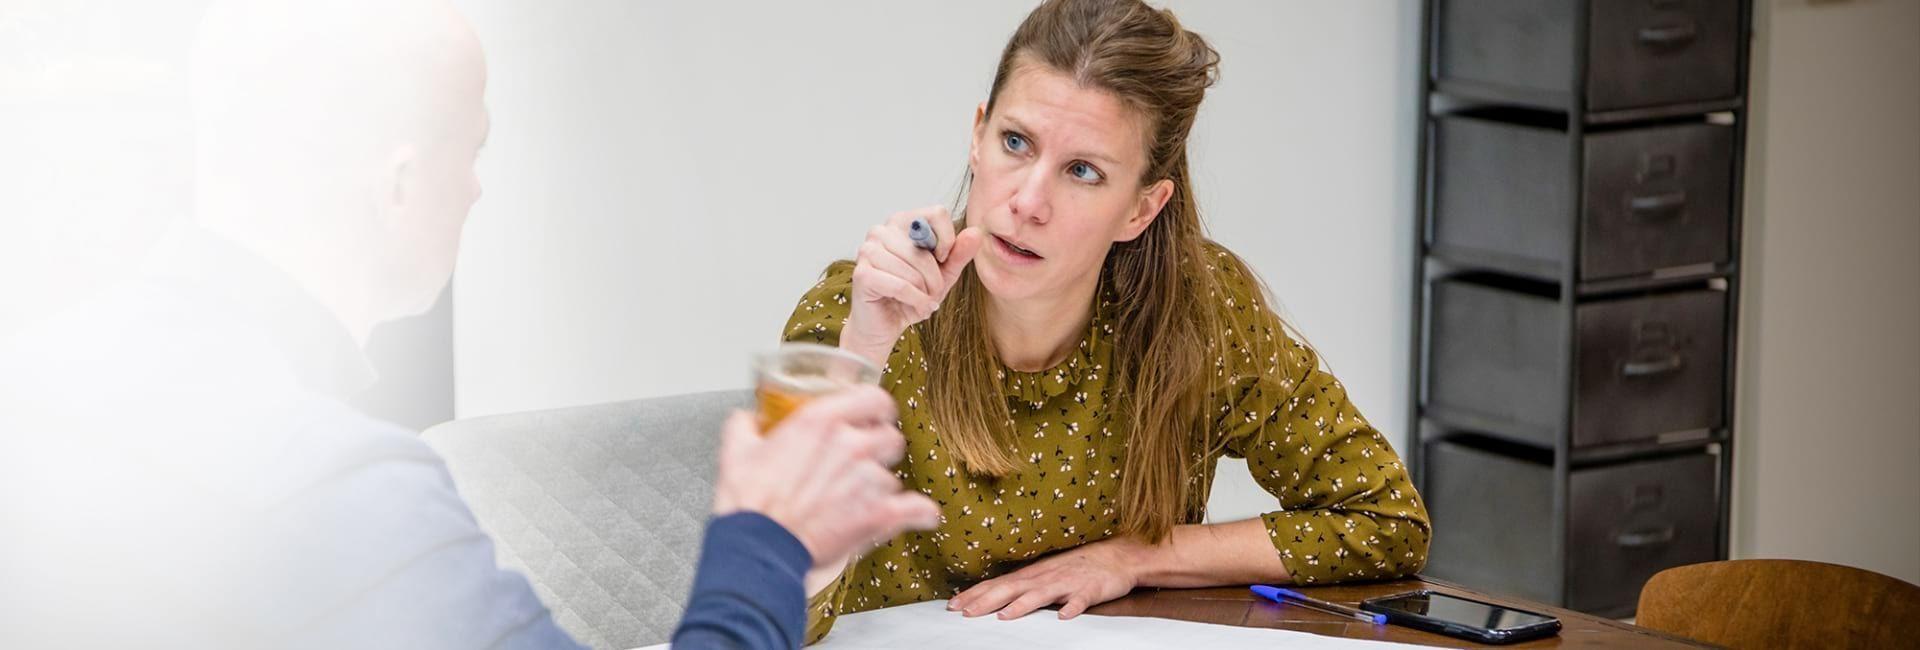 Opleiding Pedagogisch coach -<br> Post HBO Pedagogisch coach